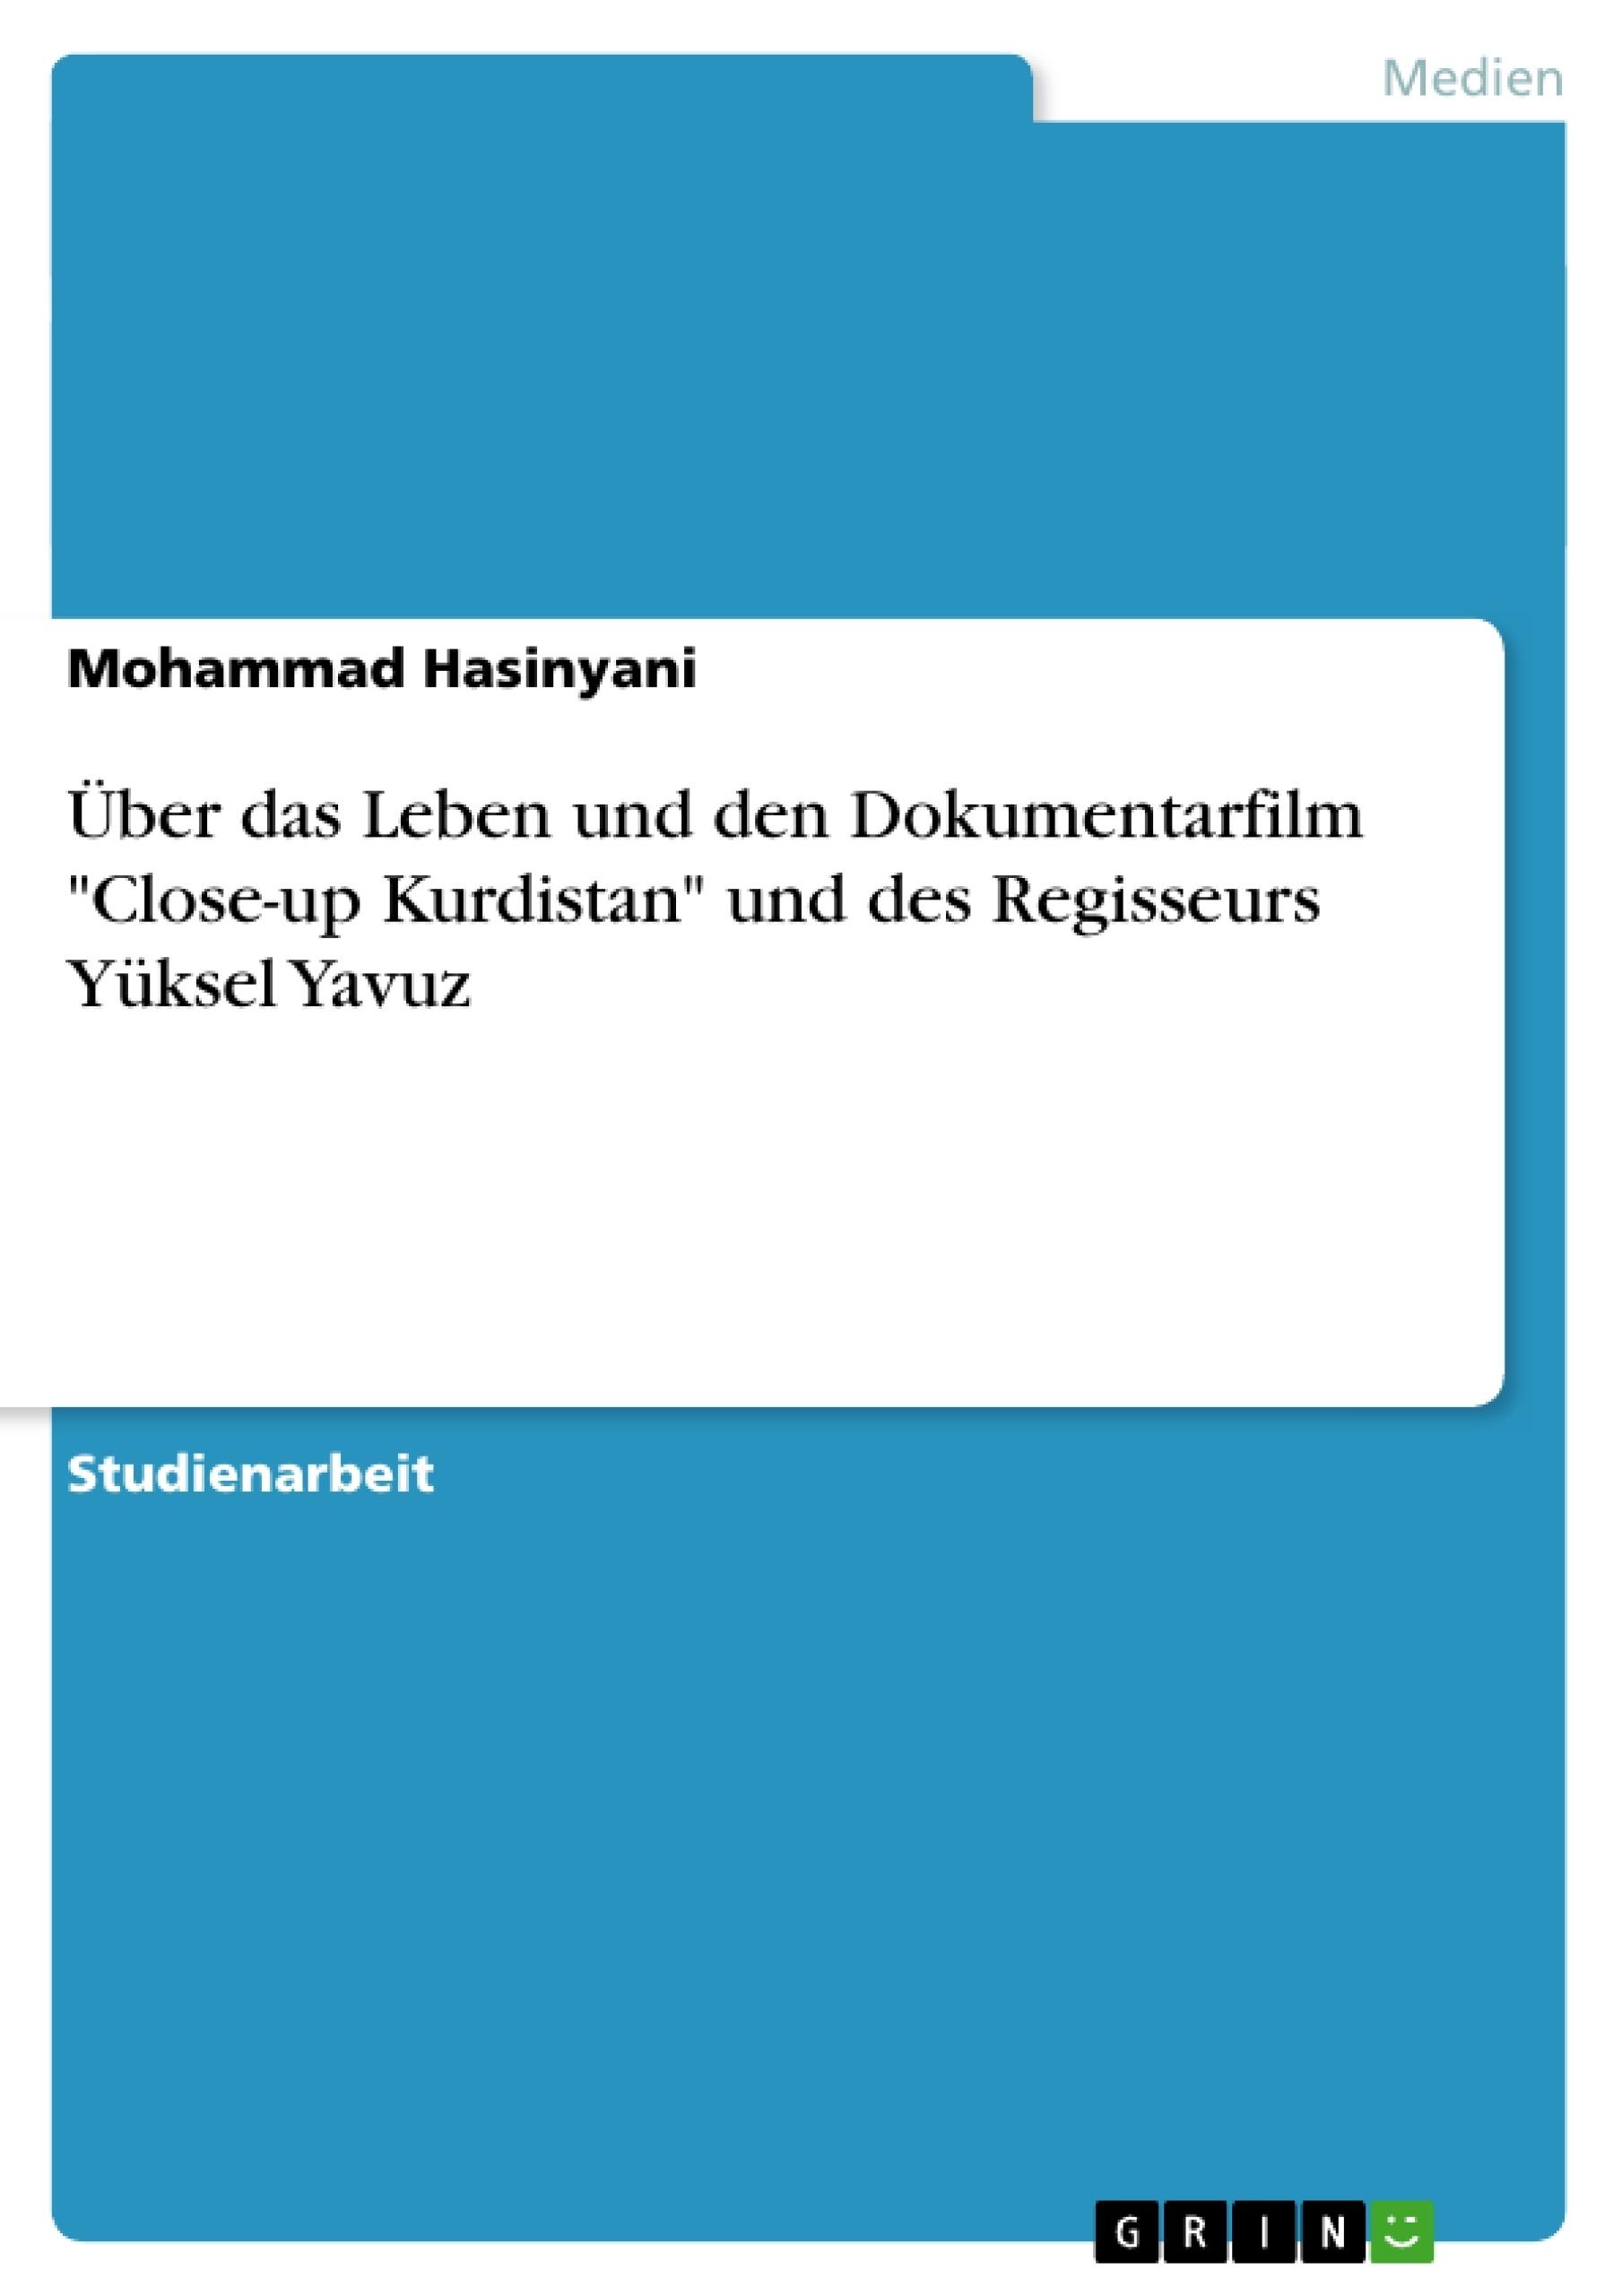 """Titel: Über das Leben und den Dokumentarfilm """"Close-up Kurdistan"""" und des Regisseurs Yüksel Yavuz"""